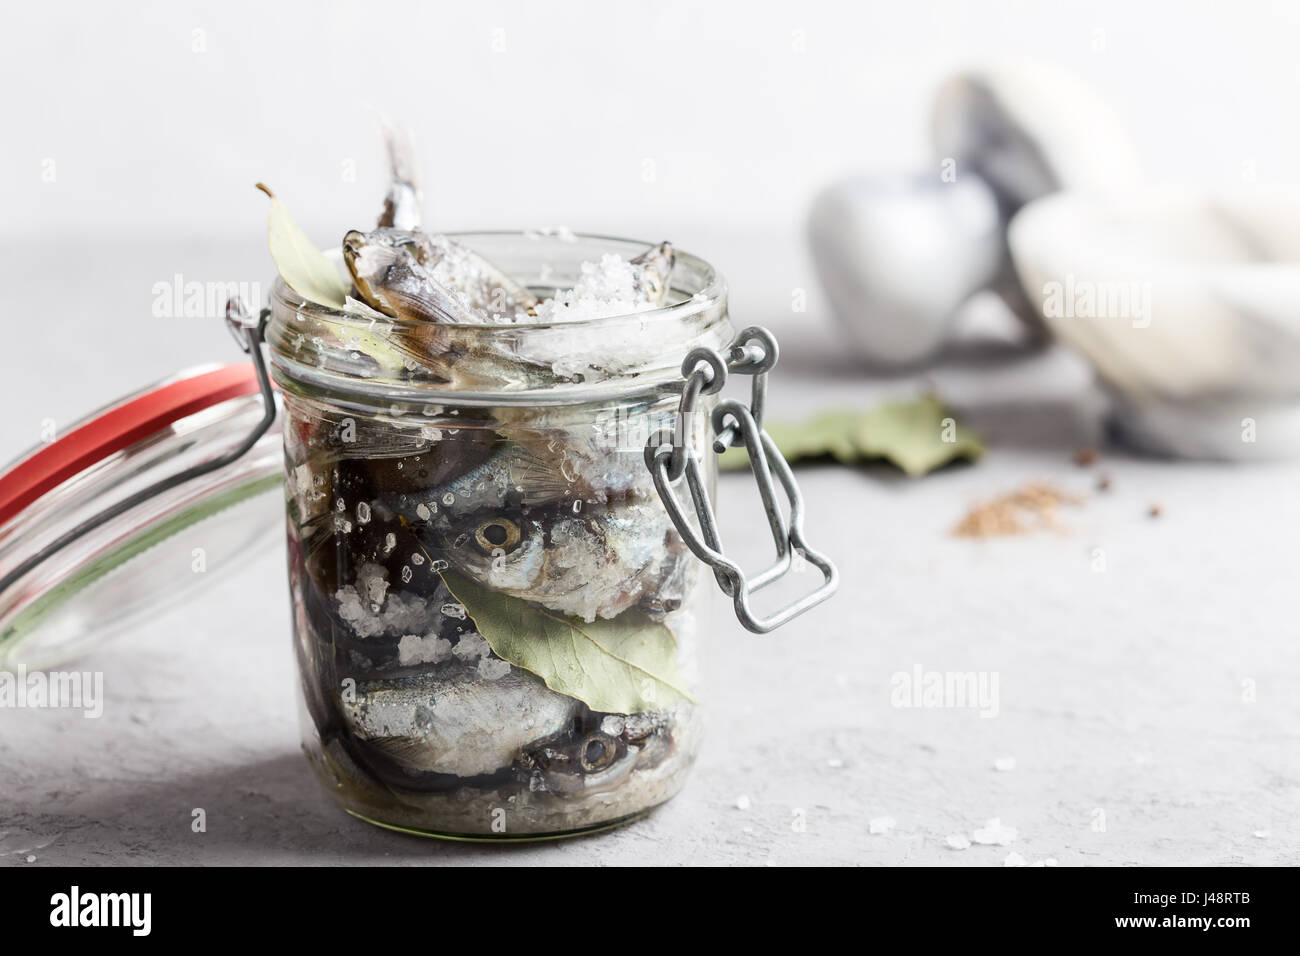 Vorbereitung der gesalzene Lodde. Fisch zum Essen erhalten Stockbild